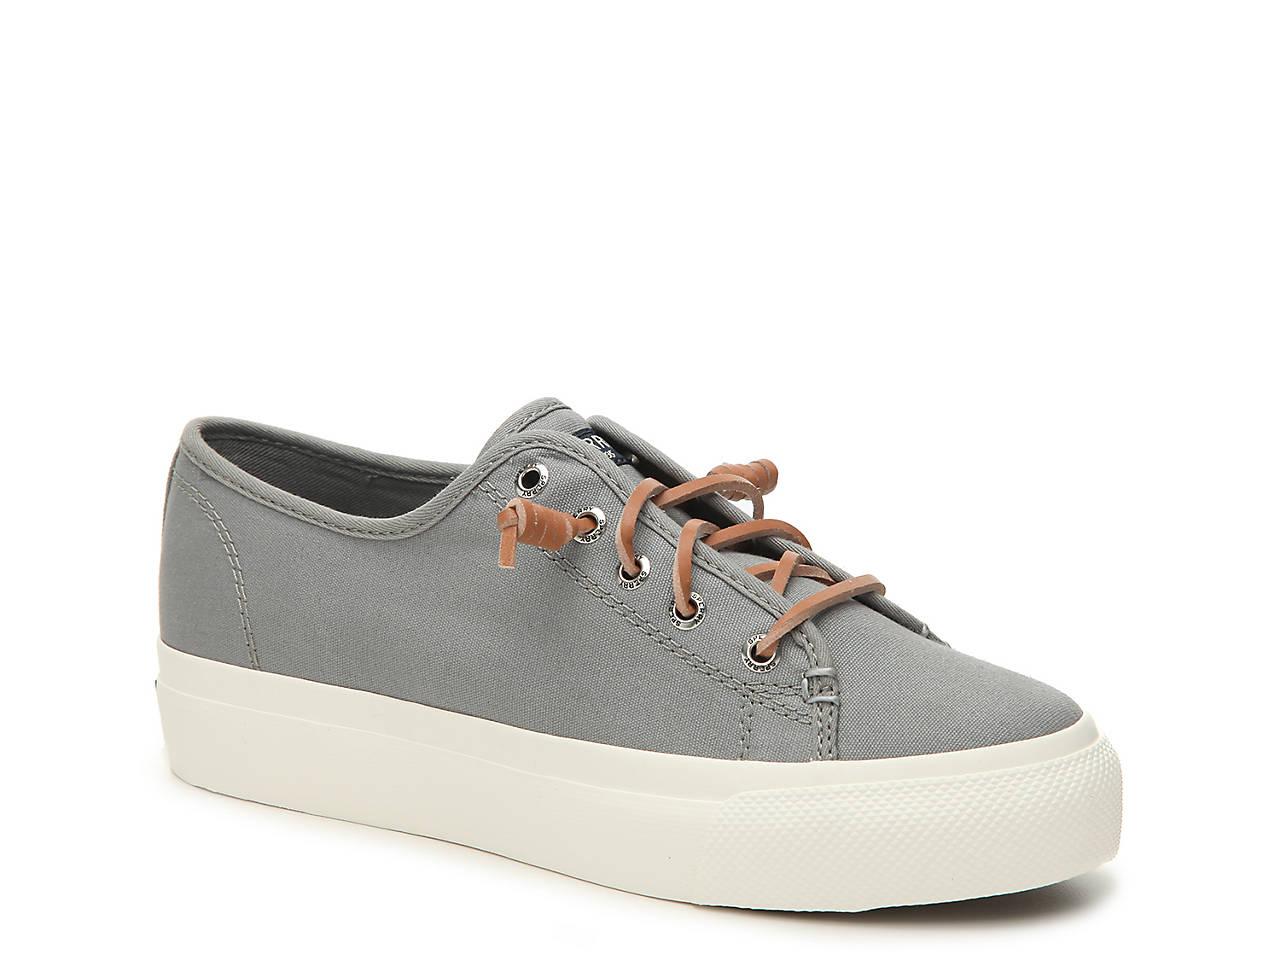 ead00c754c0 Sperry Top-Sider Cliffside Platform Slip-On Sneaker Men s Shoes